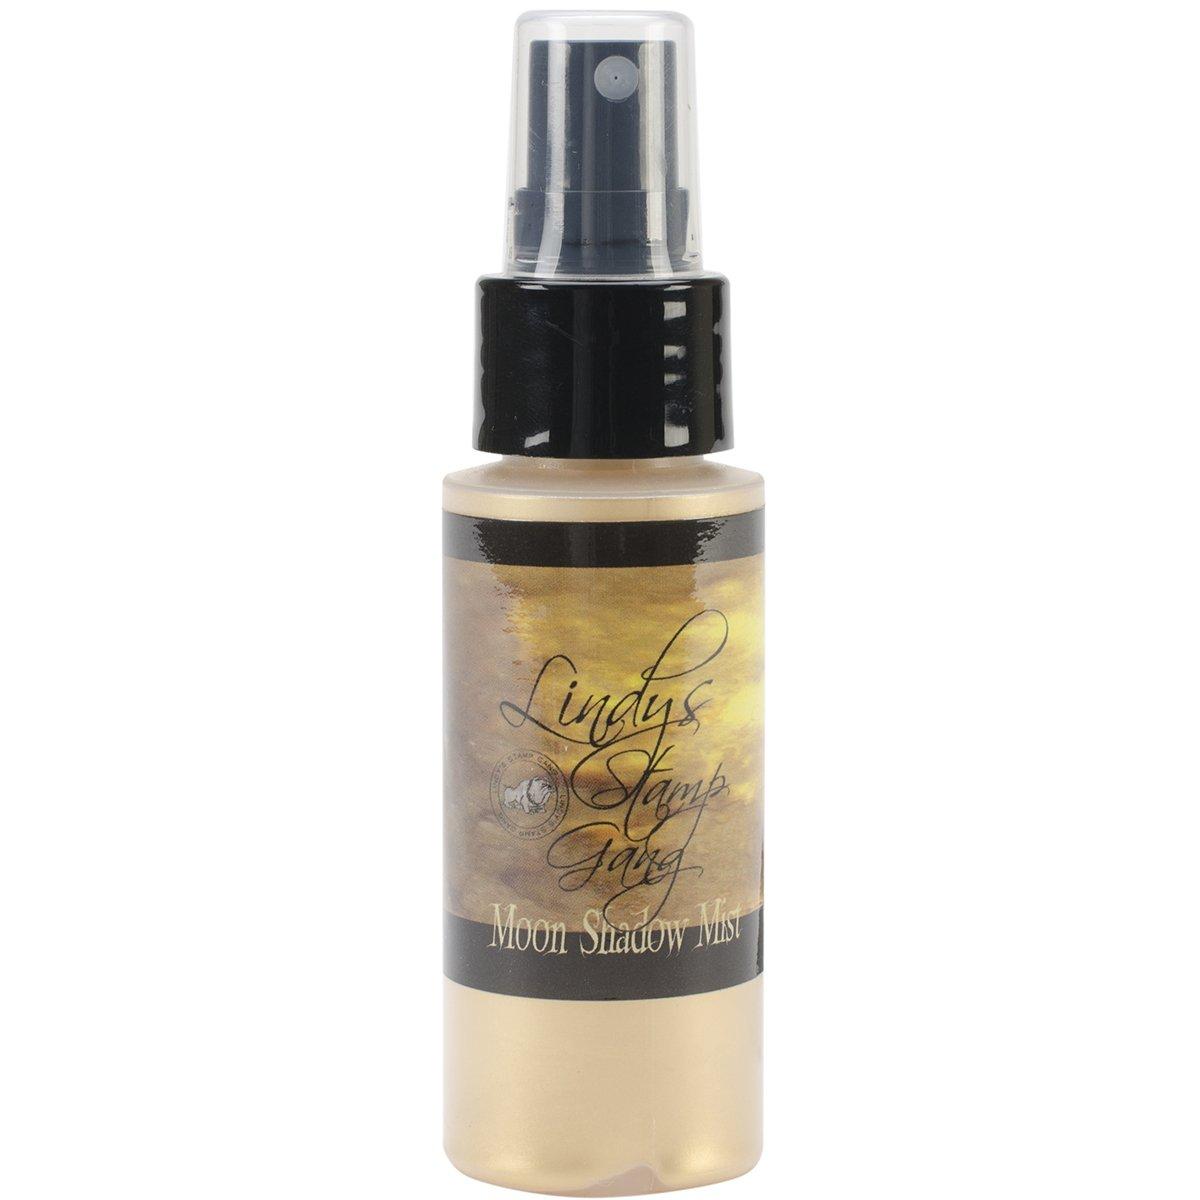 Timbro Gang Moon Shadow Mist 2Oz bottiglia-Golden dobloni di Lindy   más noticias y comentarios